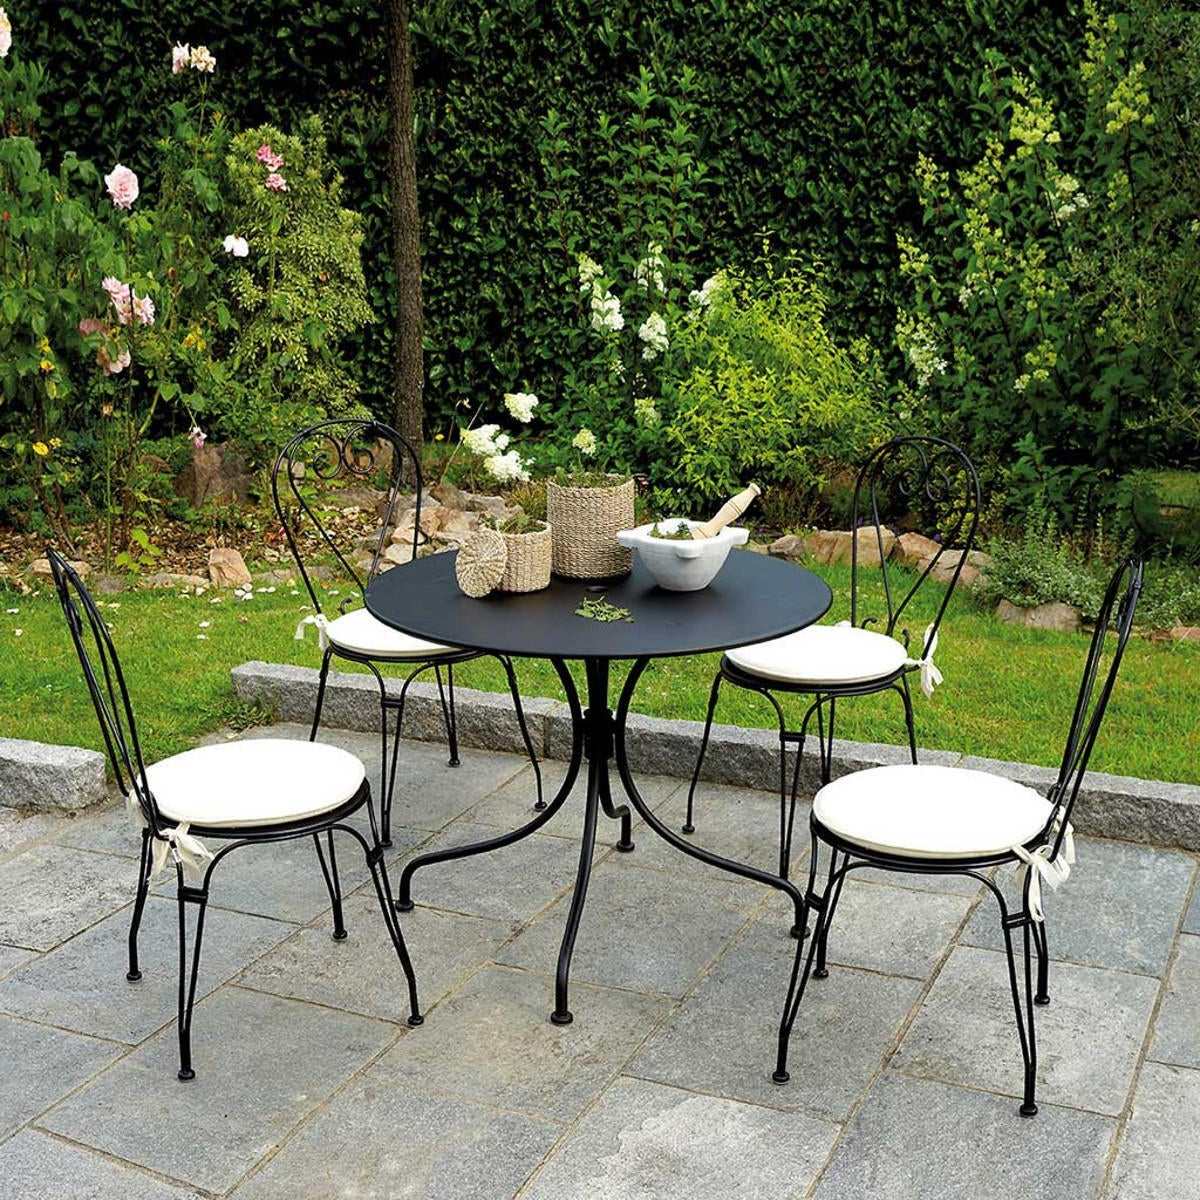 Tavolo da giardino tondo tft con piano in ferro Ø 90 cm - 2